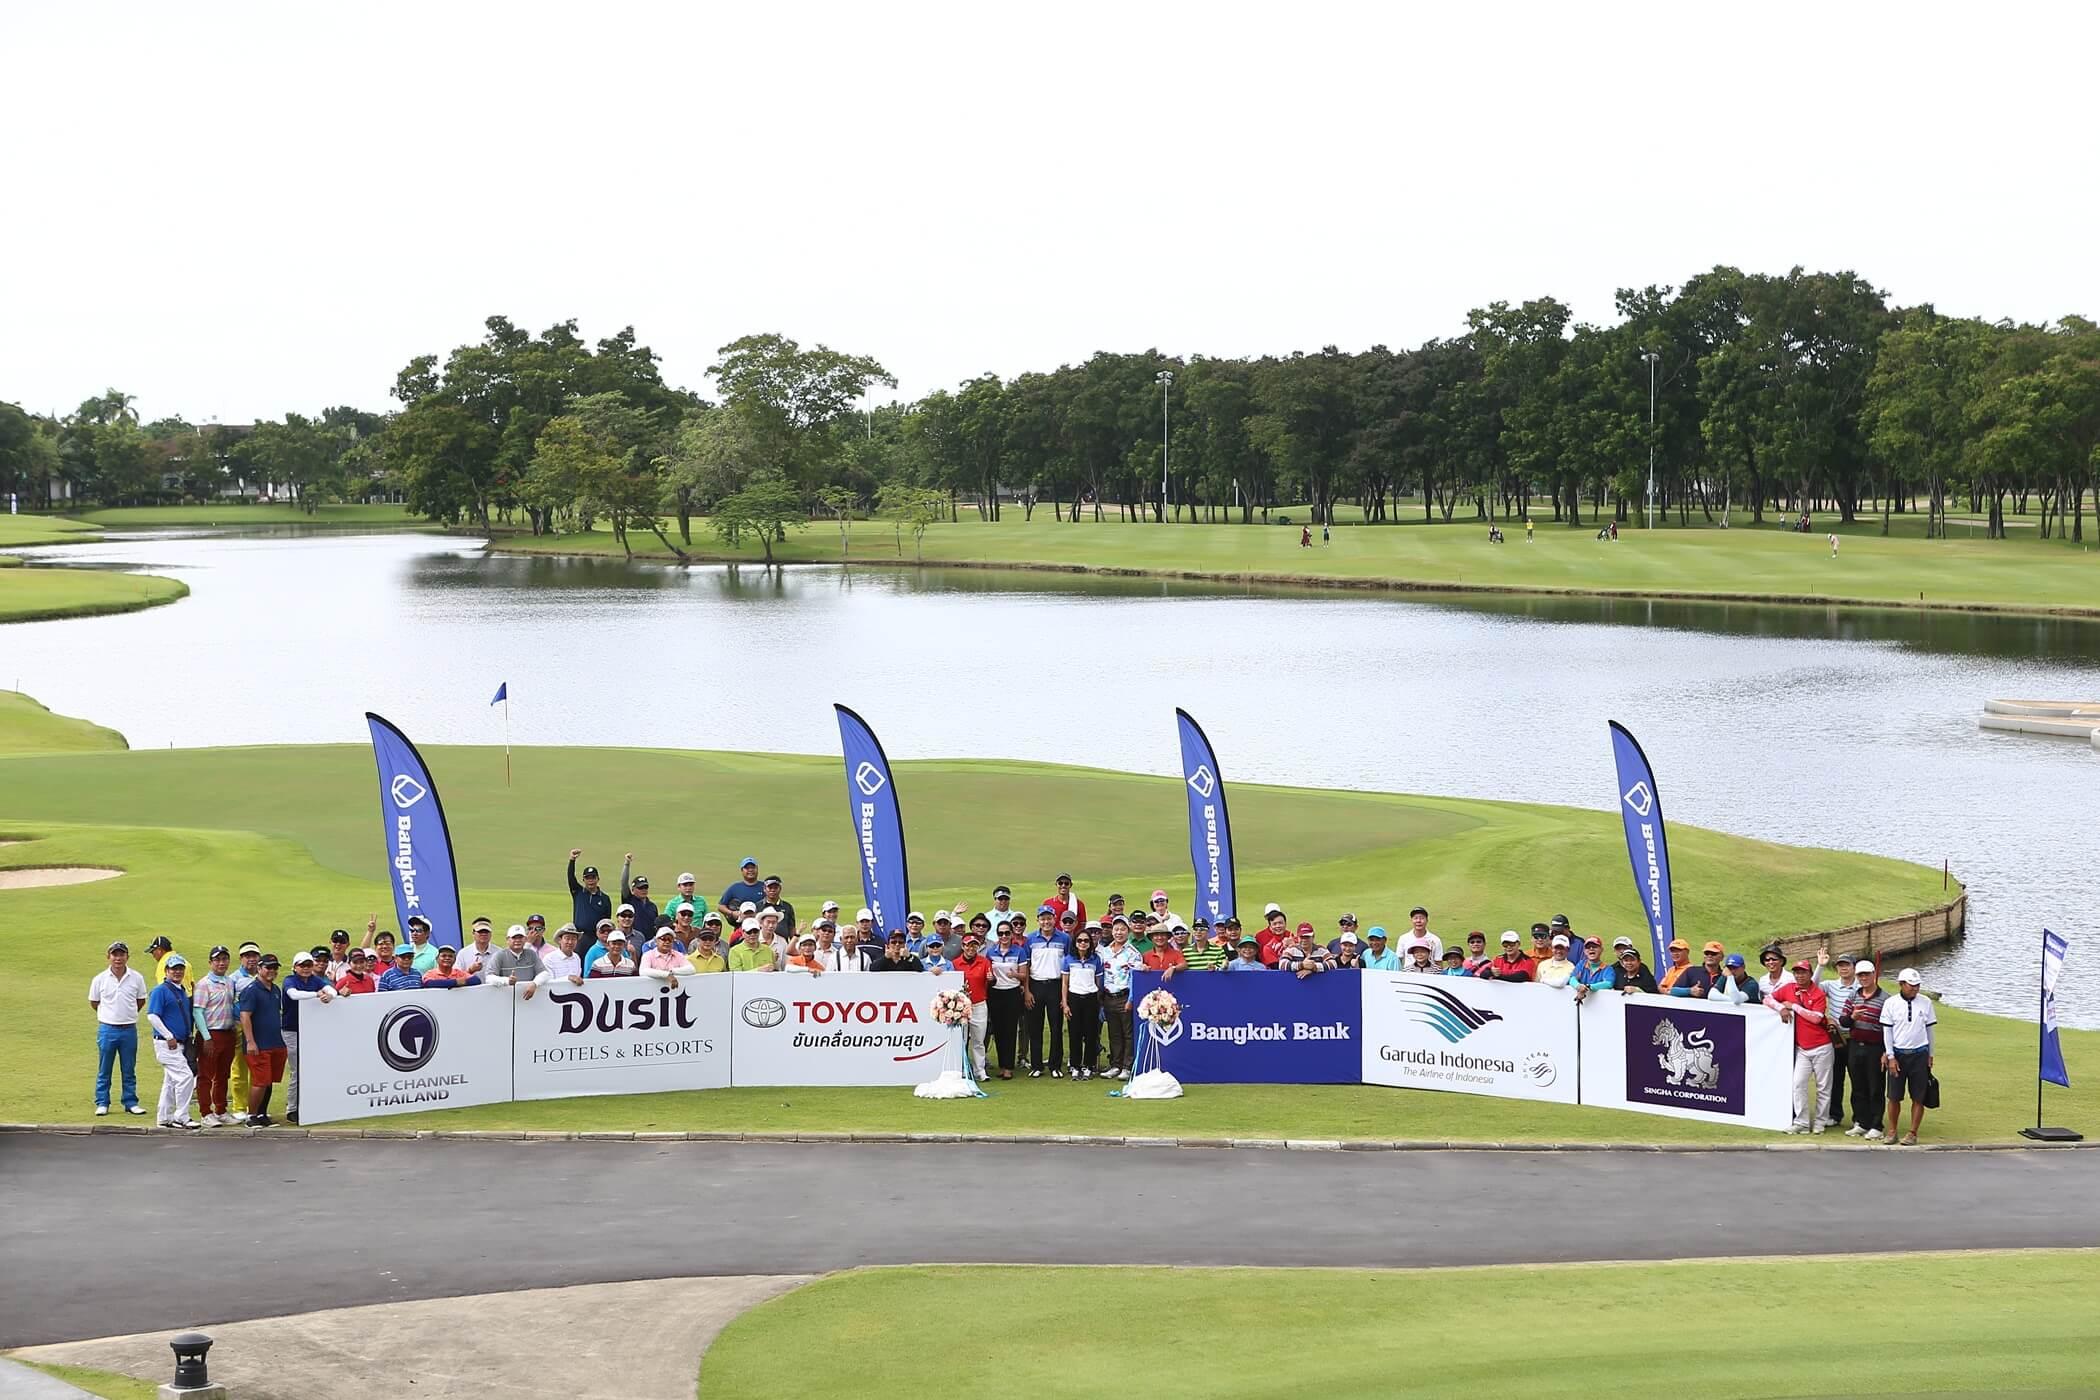 การแข่งขัน Bangkok Bank Golf Tournament 2018